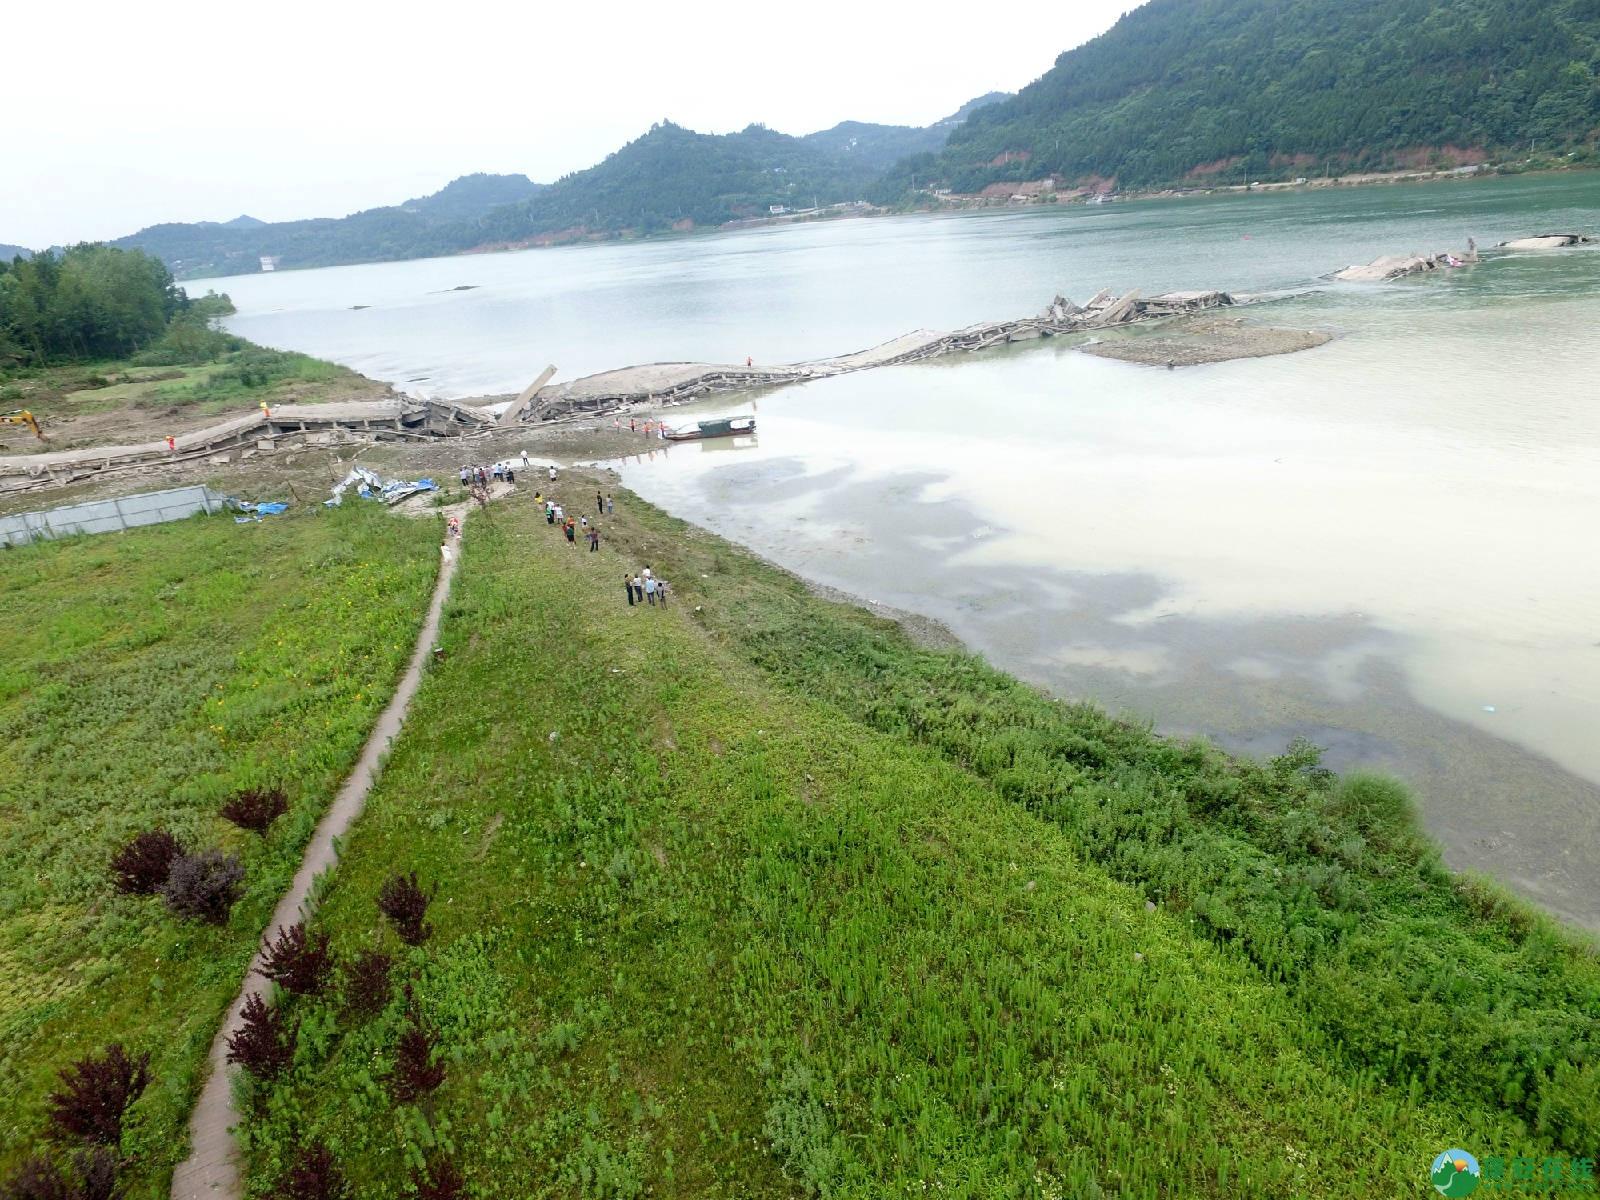 蓬安嘉陵江一桥成功爆破拆除 - 第2张  | 蓬安在线